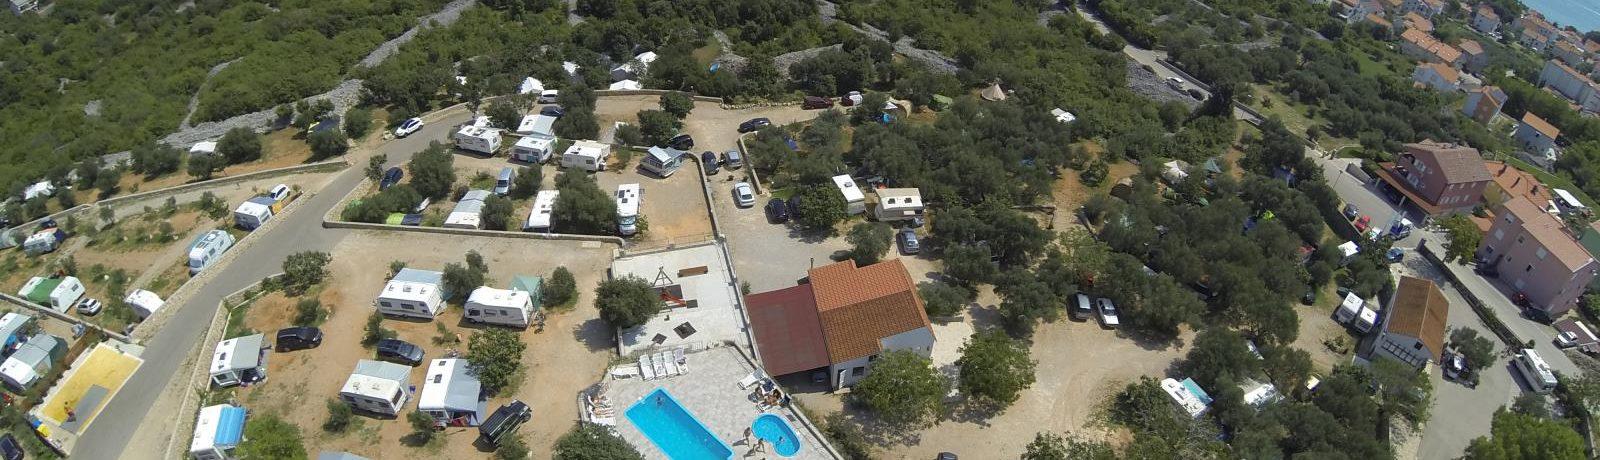 Camping Bor in is een charme camping op het schiereiland Krk gelegen aan zee in de regio Primorje-Gorski Kotar.